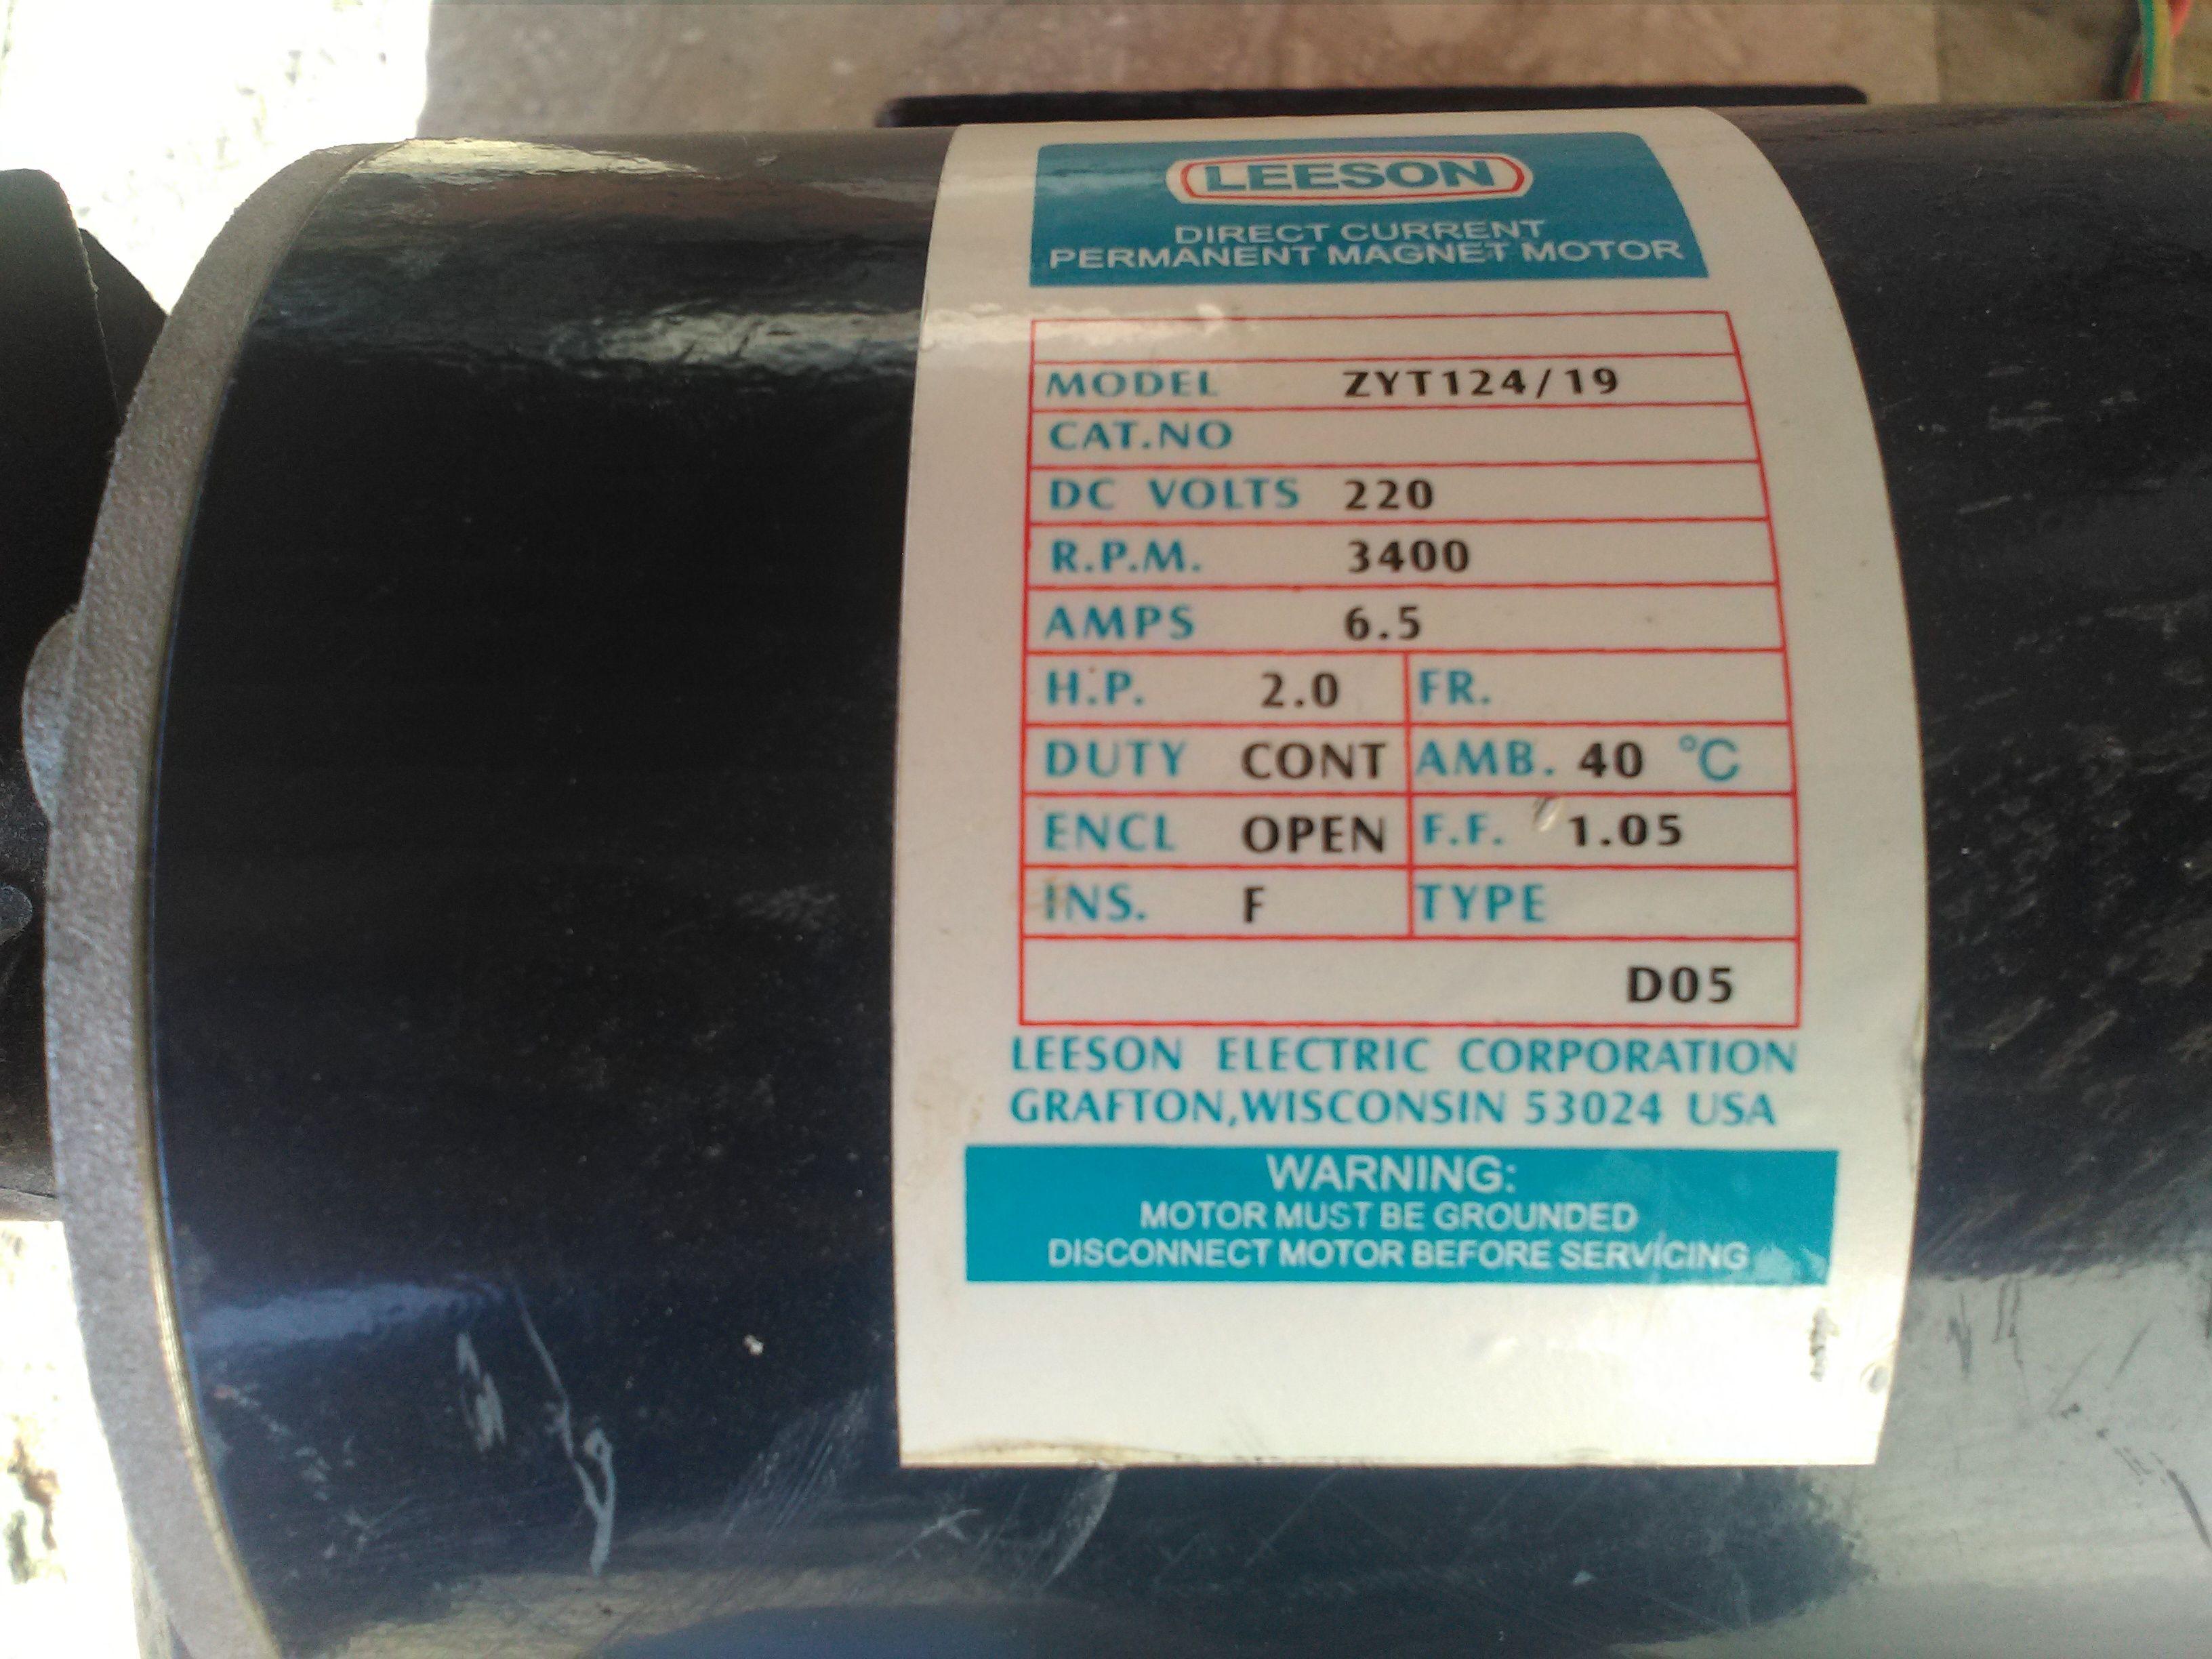 leeson zyt124 19 permanent magnet motor [ 3264 x 2448 Pixel ]